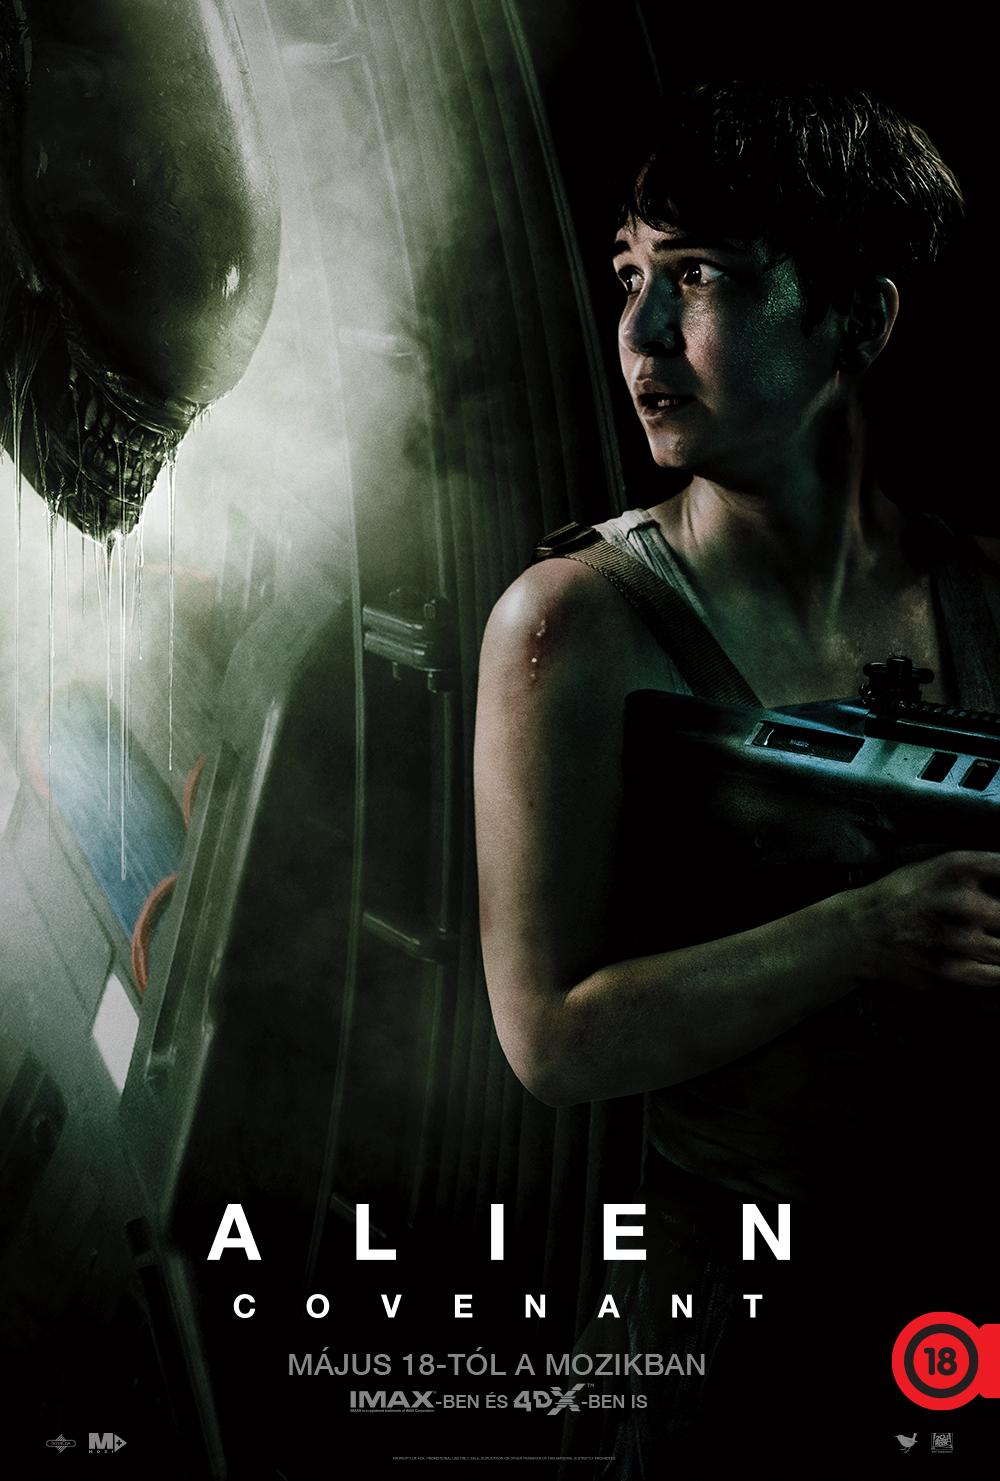 aliencovenant_hun_p3.png